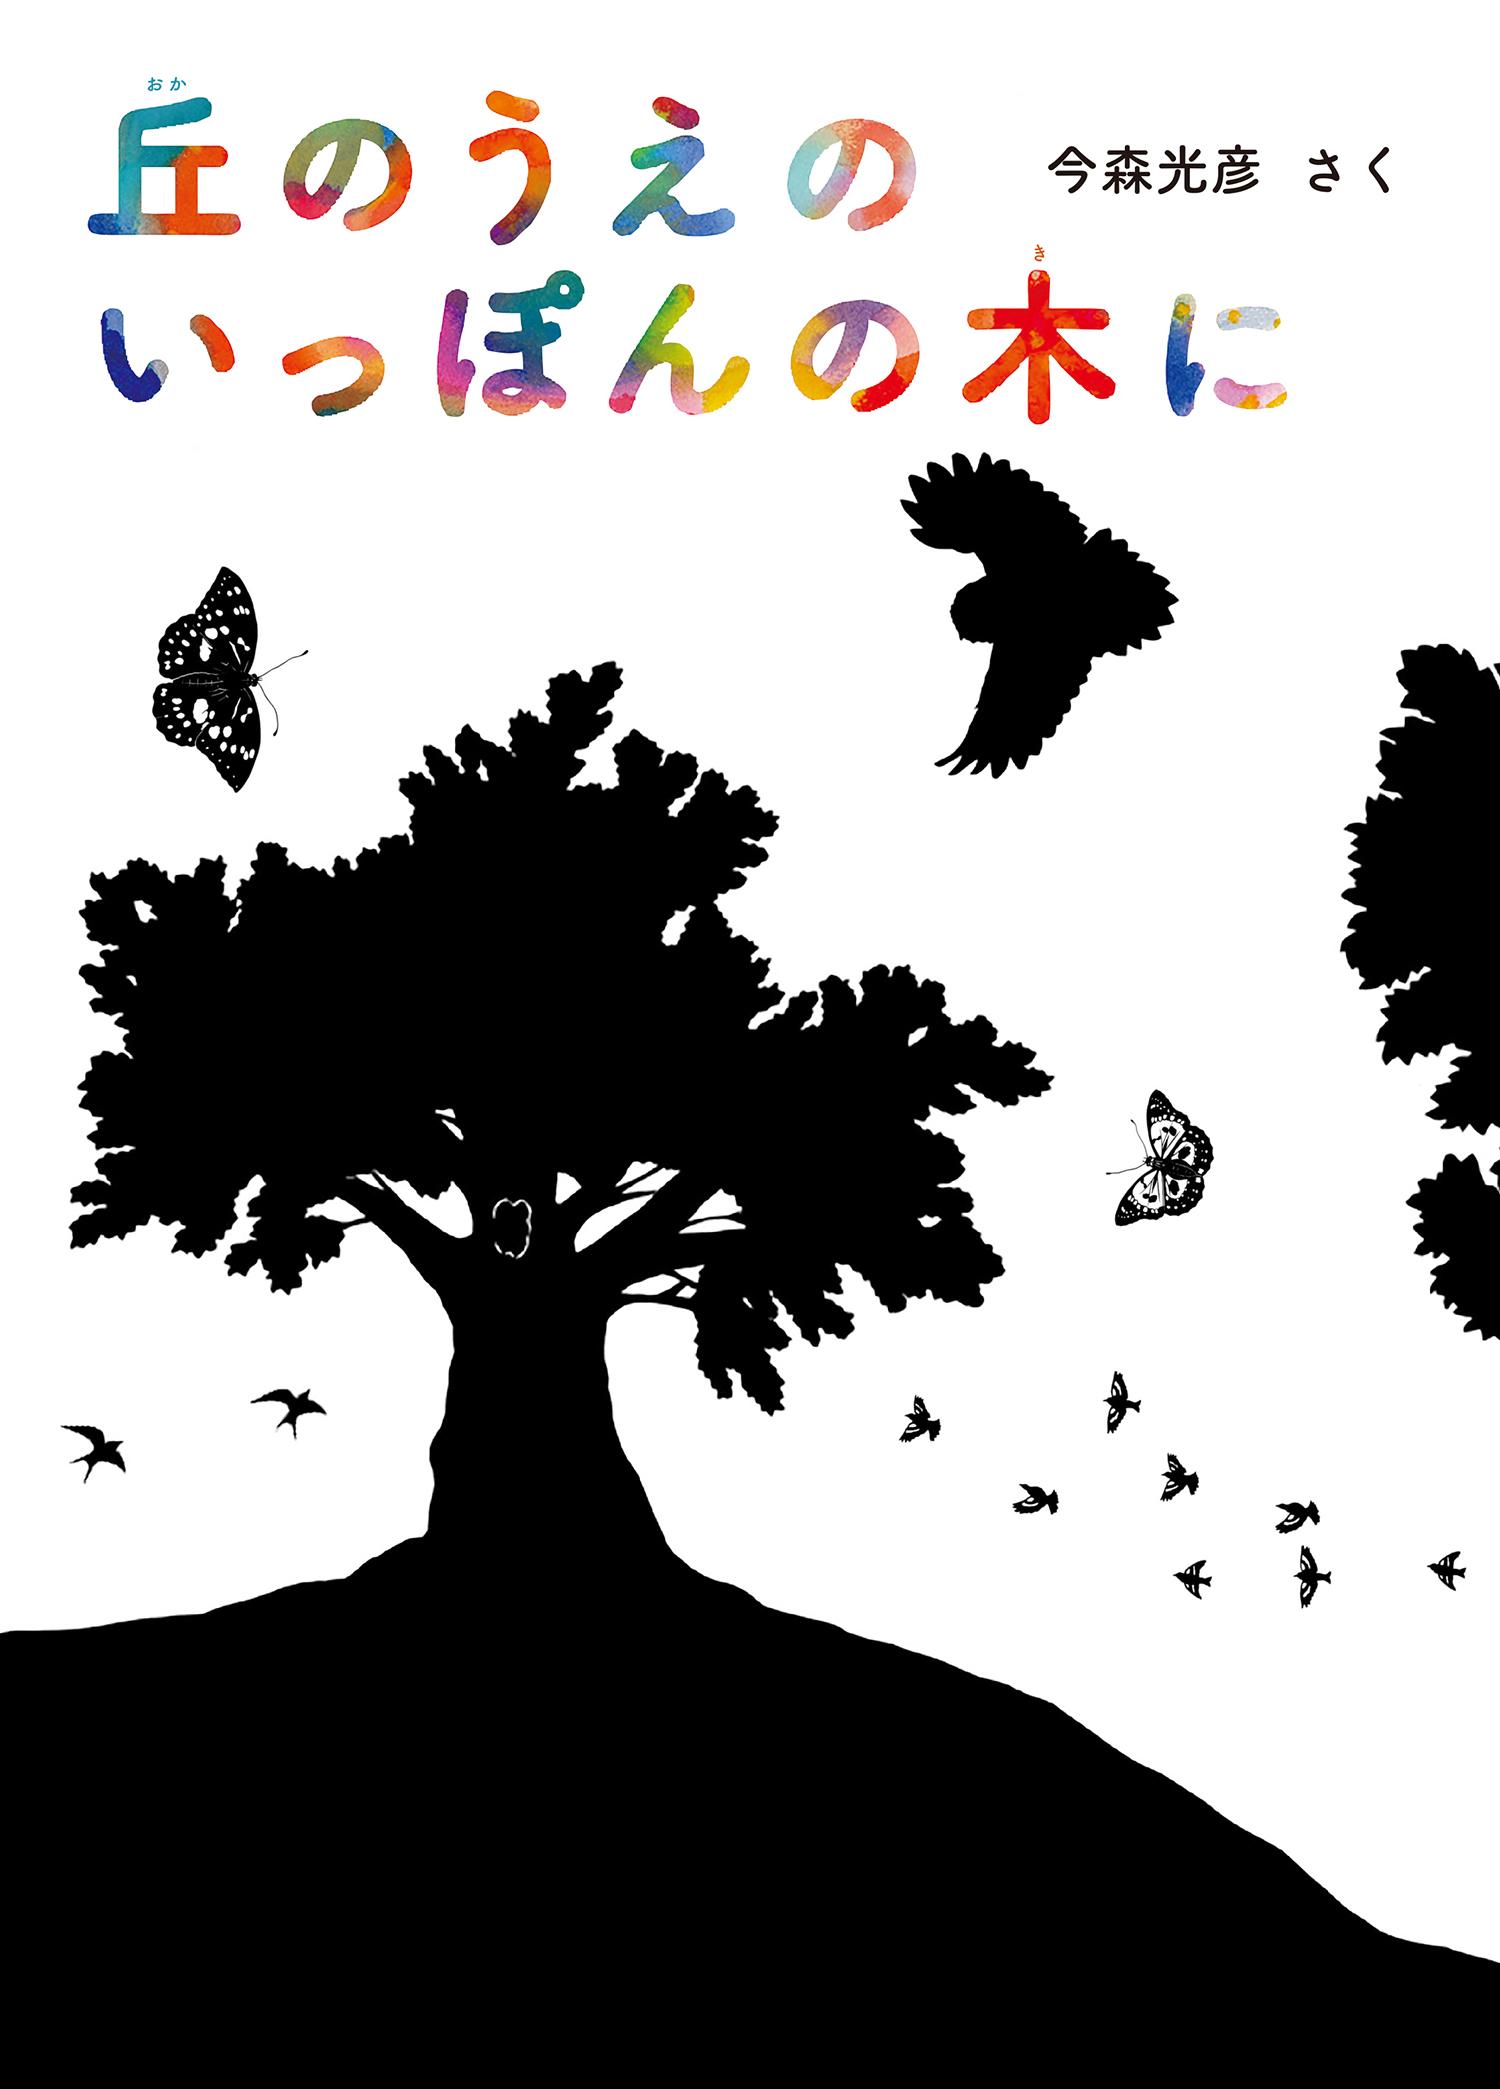 丘のうえの いっぽんの木に